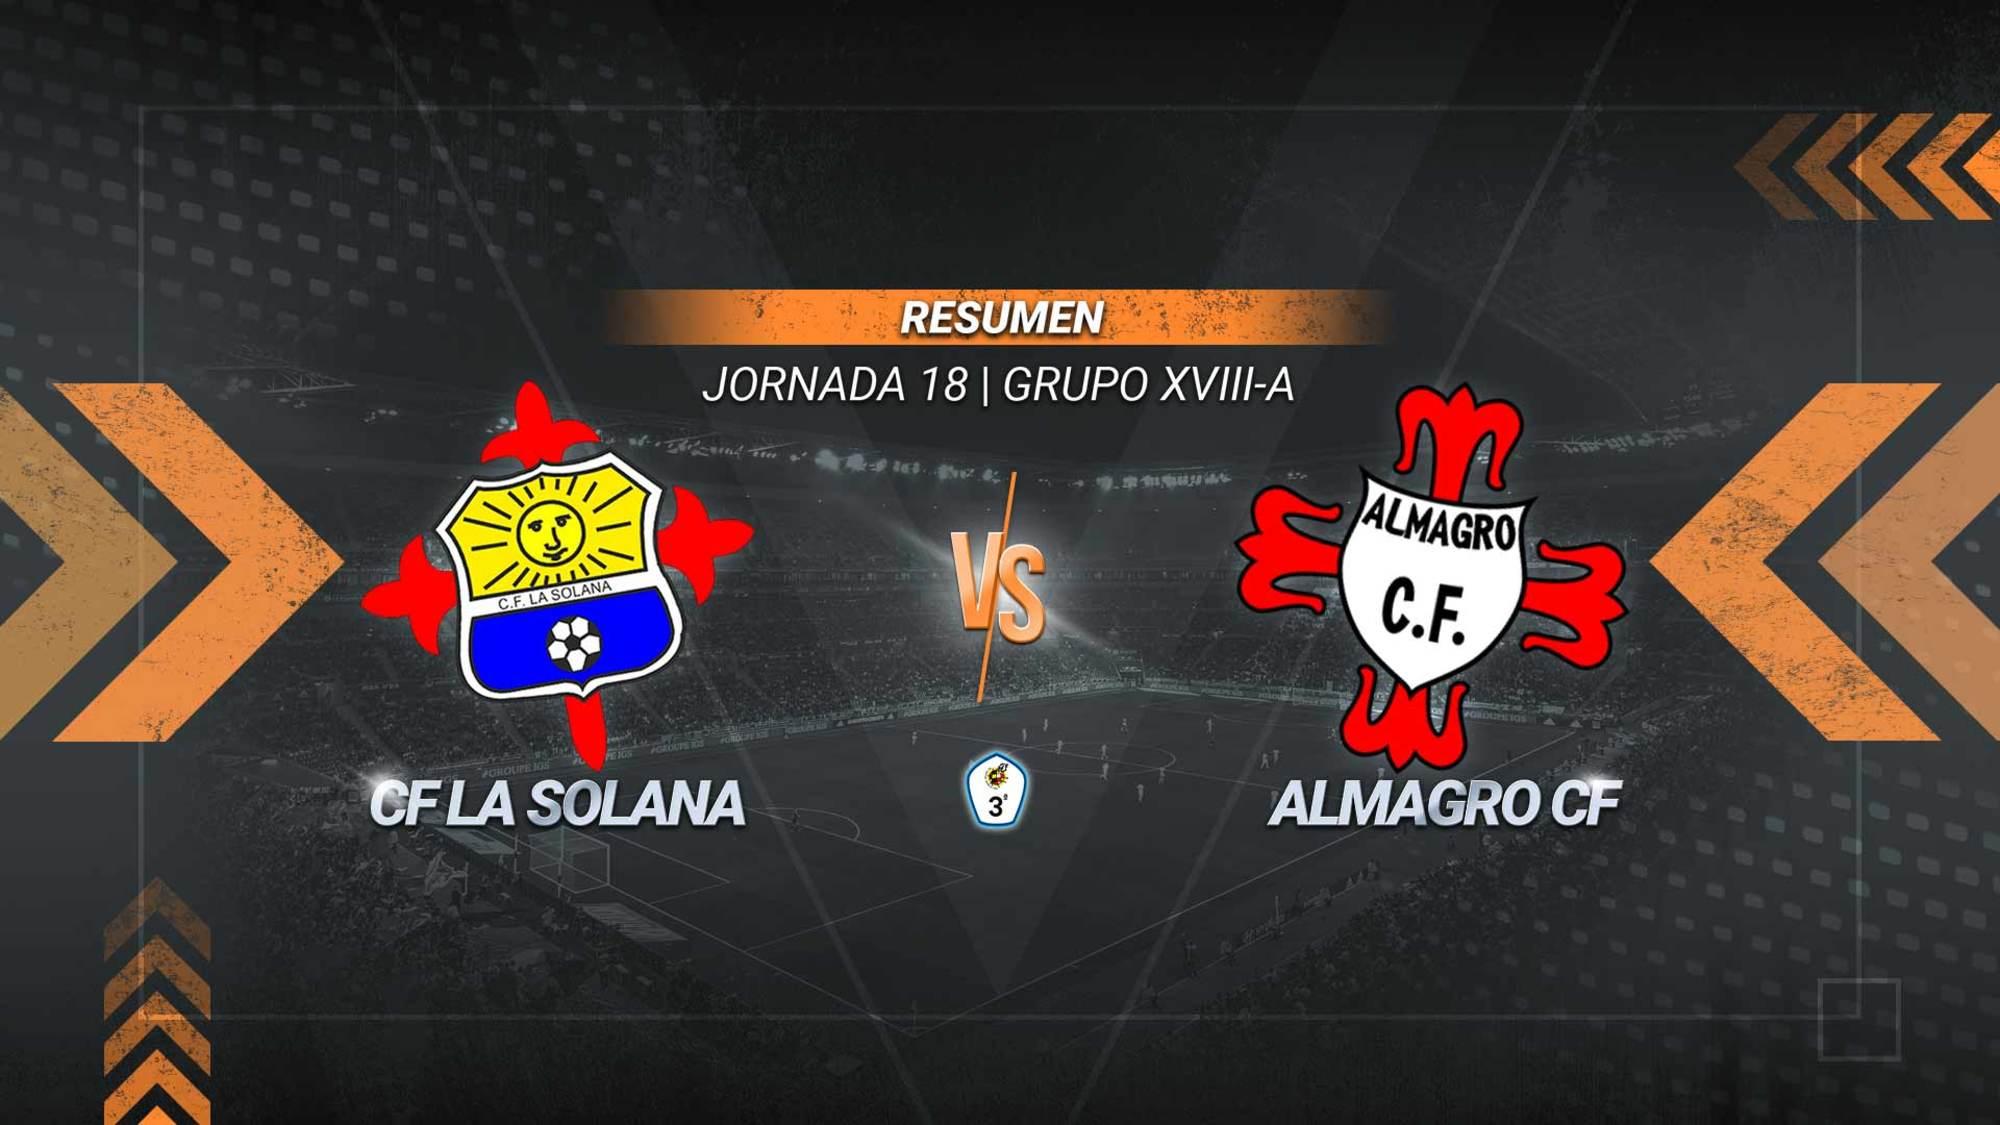 La Solana se impone al Almagro en un duelo directo por la salvación. Los goles de Said y Ángel Luis sirven a los solaneros para ser novenos con 15 puntos. Los almagreños, que acabaron con ocho jugadores, continúan colistas con 11.